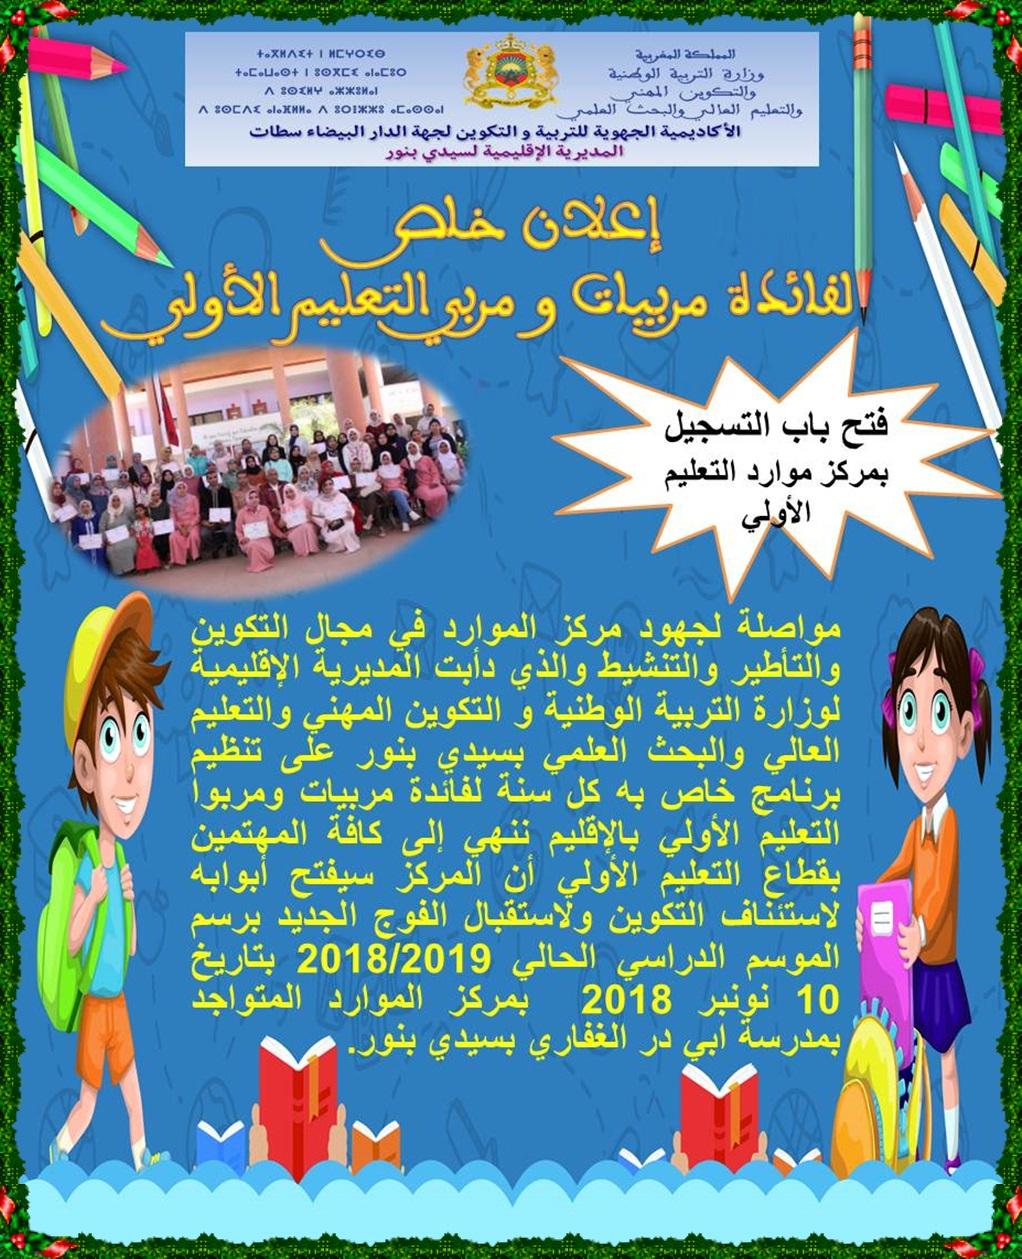 اعلان خاص لفائدة مربي و مربيات التعليم الأولي بسيدي بنور